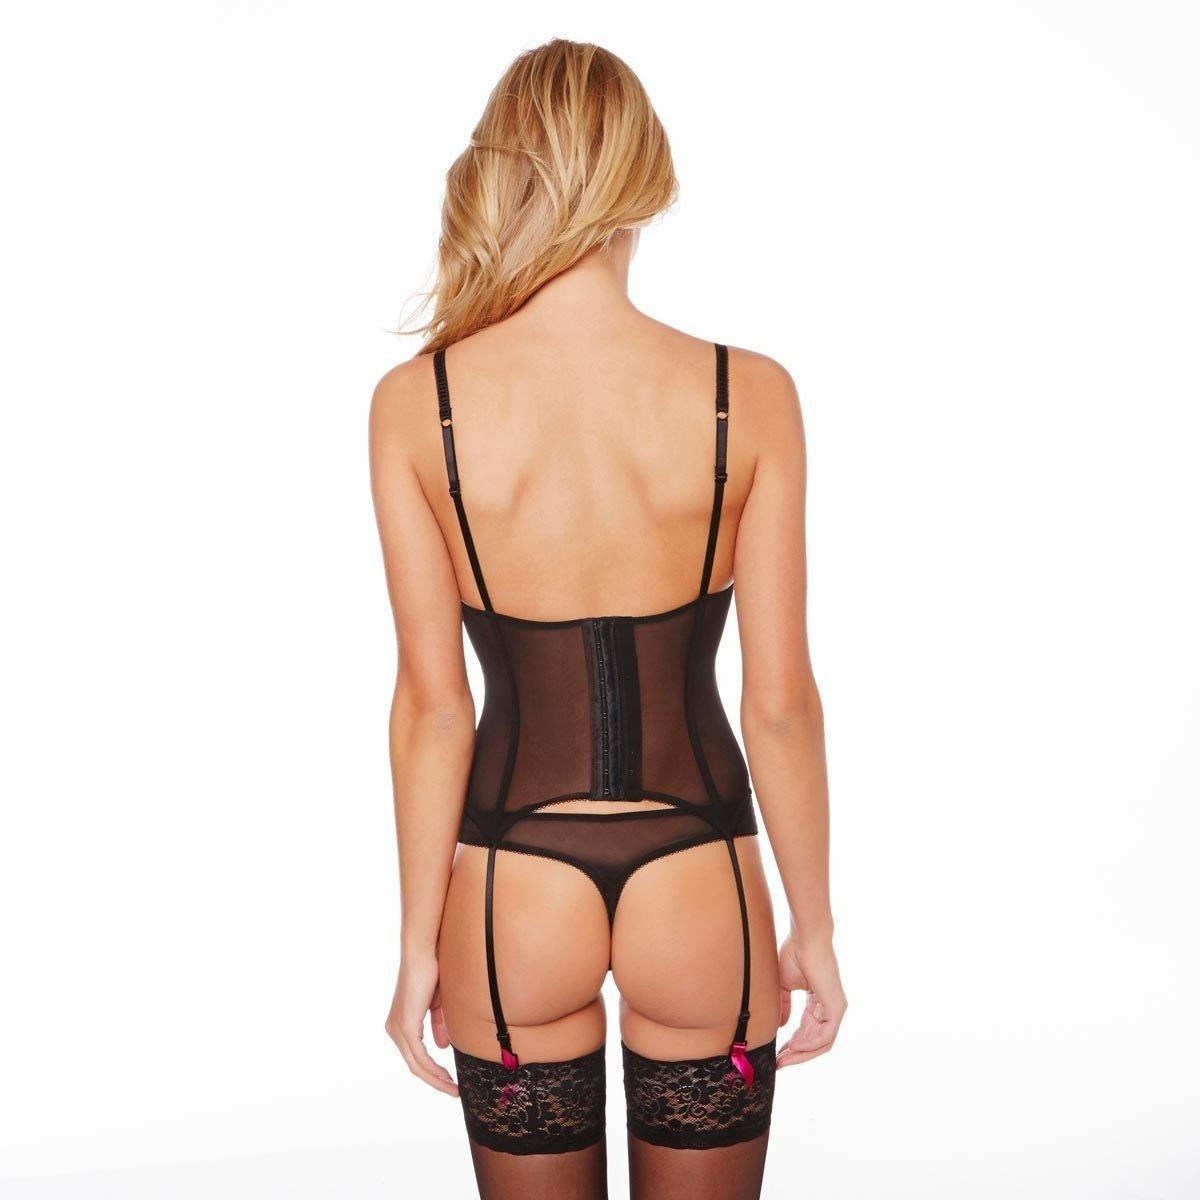 Pomm poire - Guêpière Push-up Noir Pivoine Saphir - Femme  Amazon.fr   Vêtements et accessoires dbfe5b3bc26